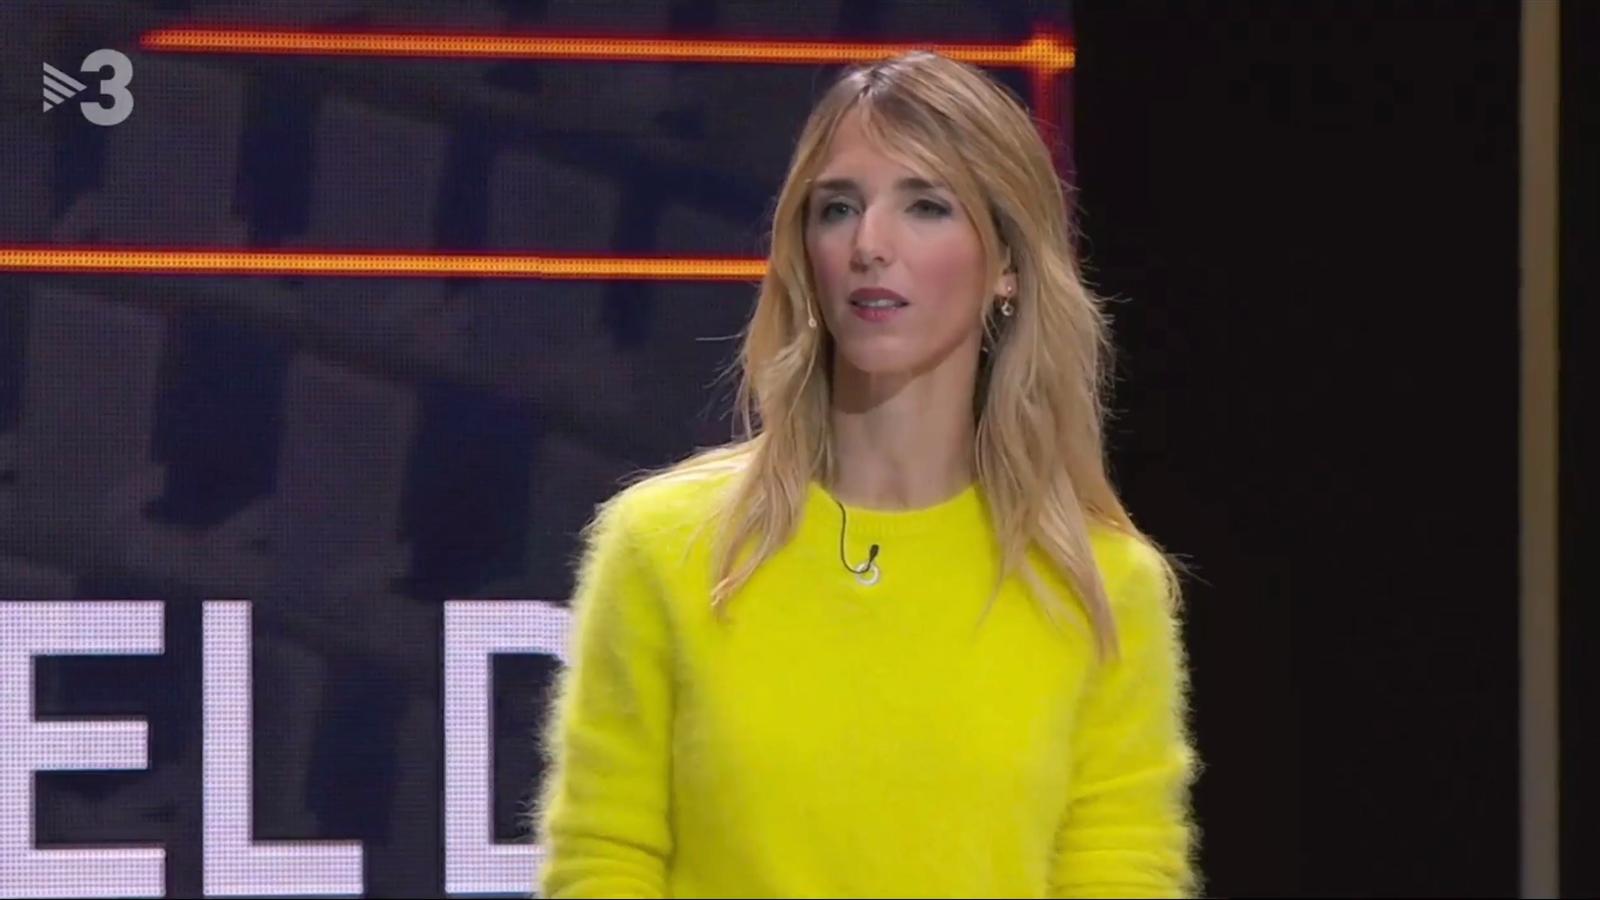 Cayetana: Anomalía es que des de Tv3 se humille la mitad de los catalanes